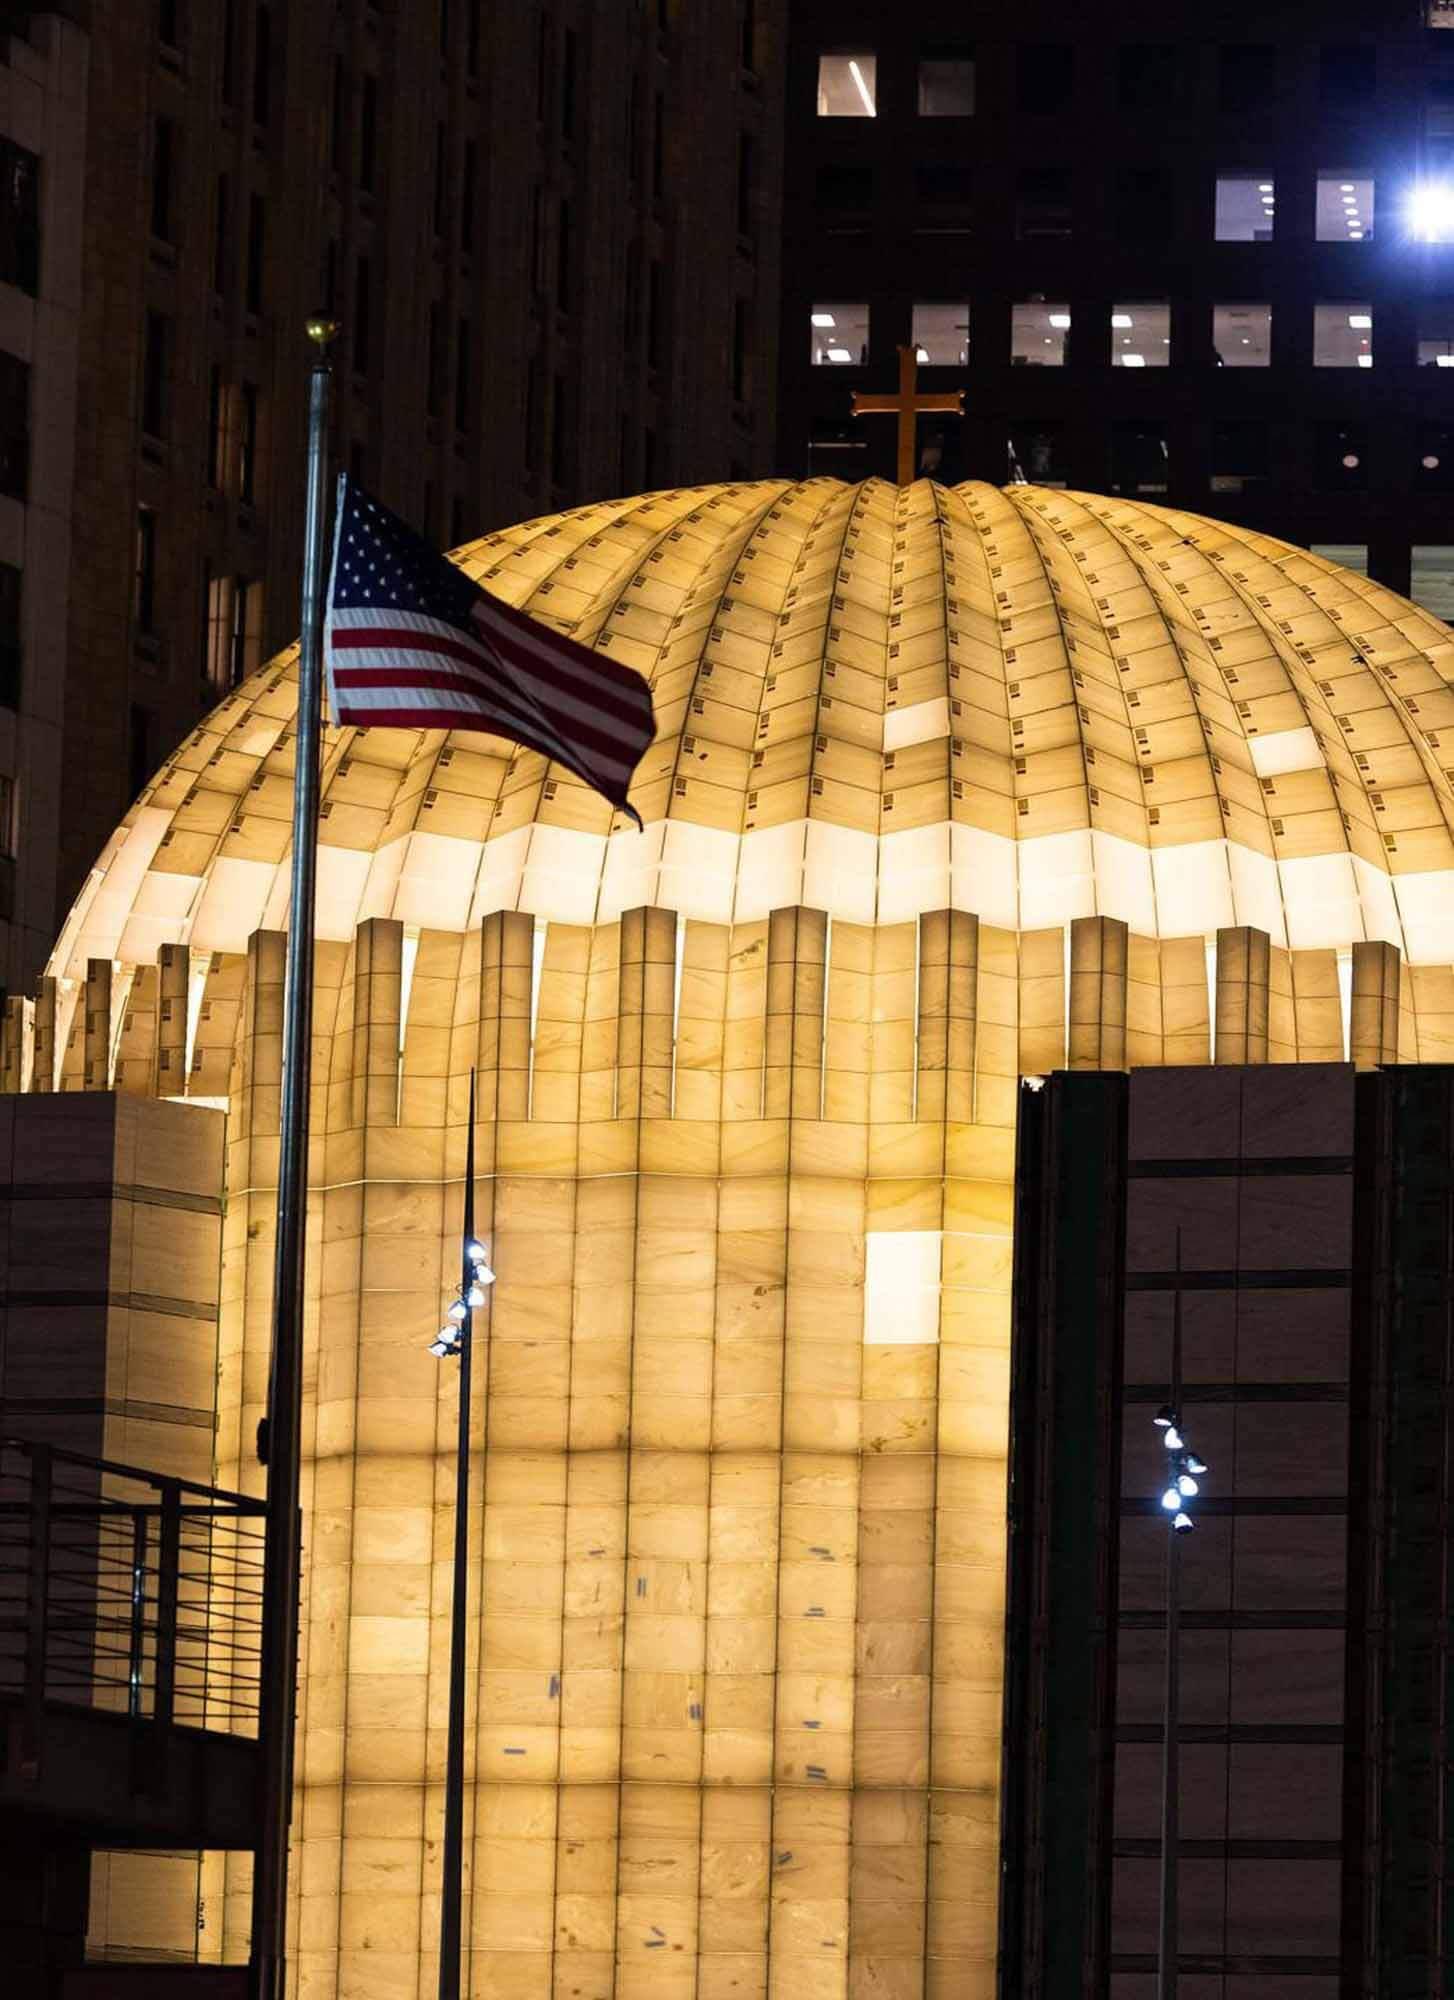 Церковь Всемирного торгового центра Сантьяго Калатравы освещена впервые